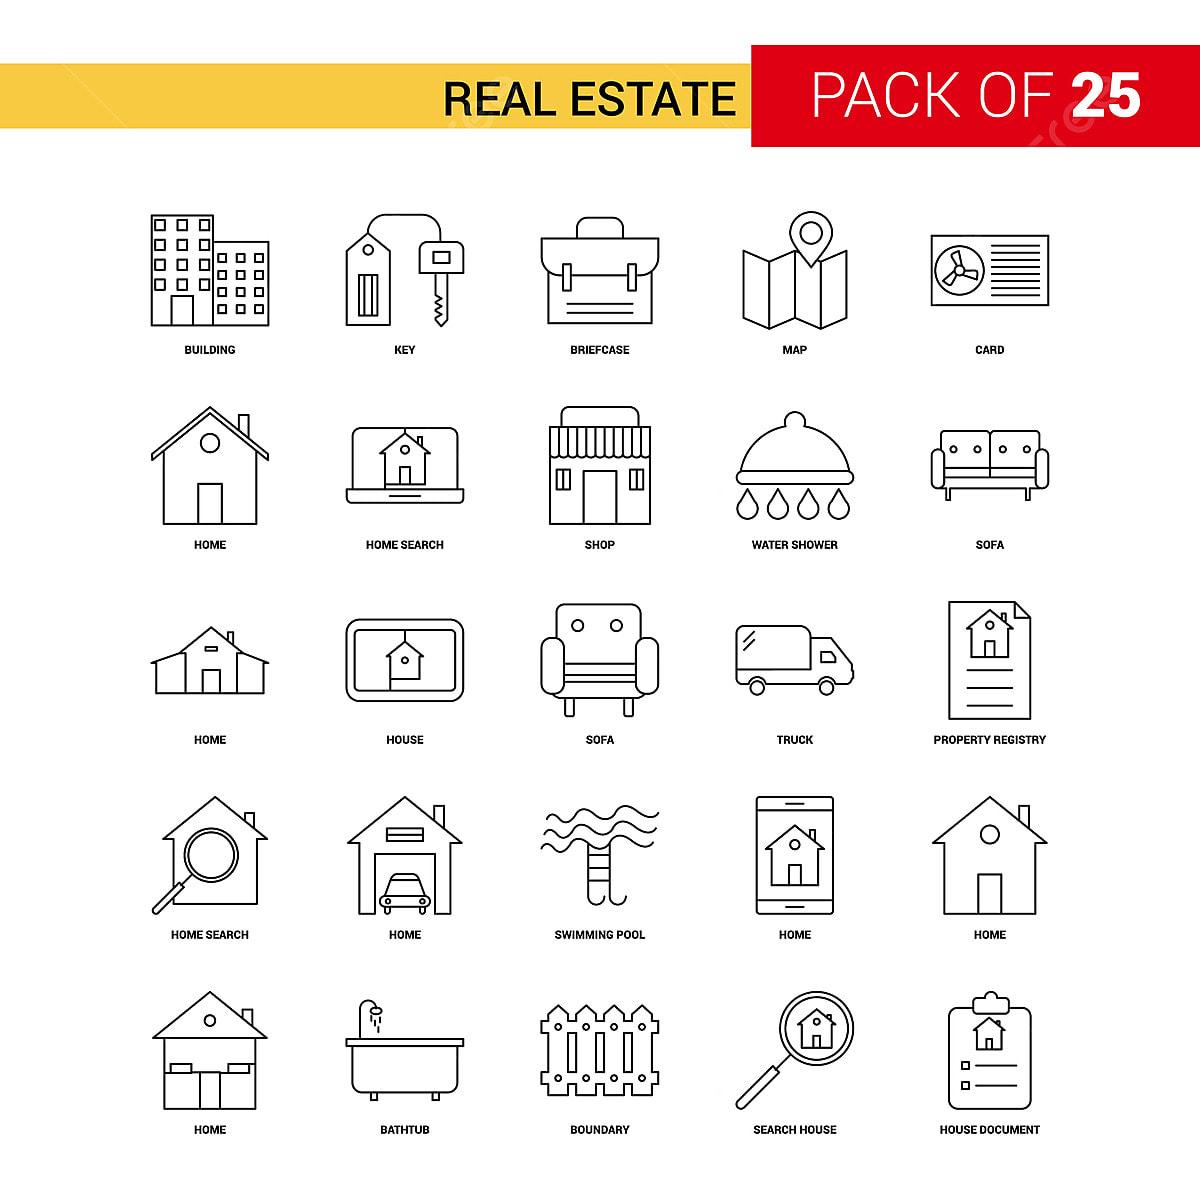 Immobiliare Linea Nera Icona 25 Imprese Descrizione Set Di ...